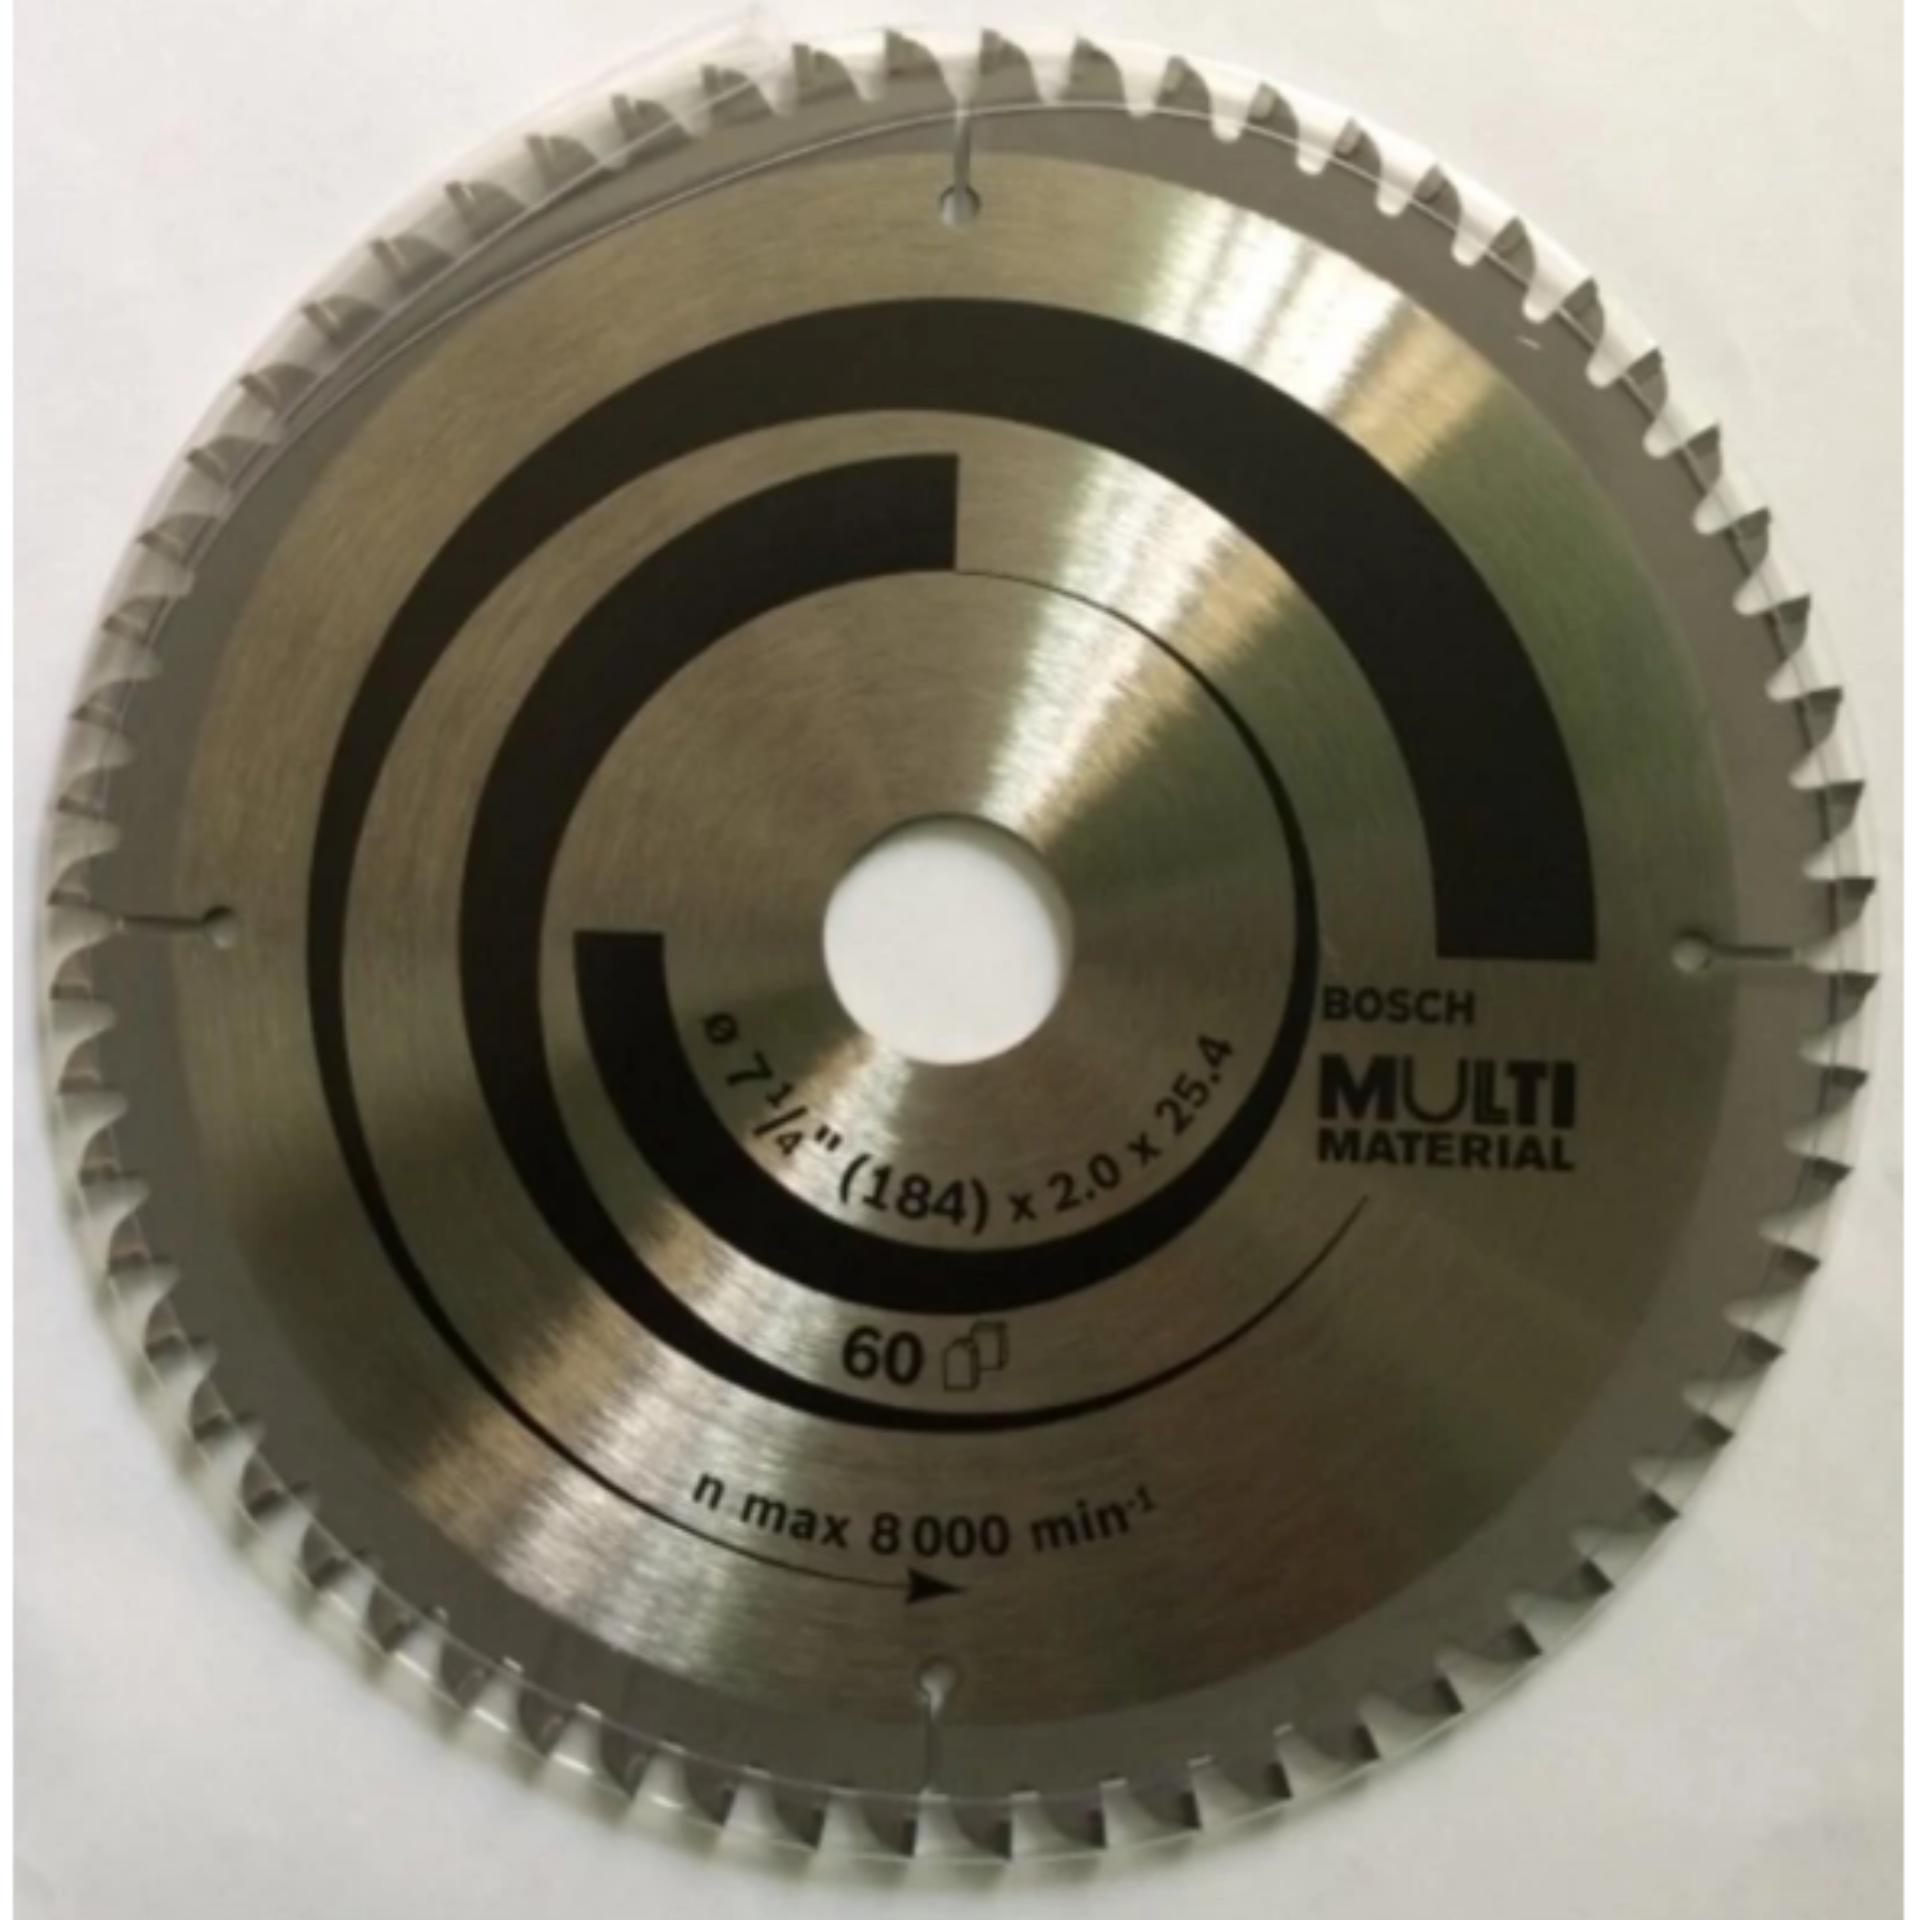 Skil 5301 Circular Saw 7 1300 Watt Daftar Update Harga Terbaru Dan Gergaji Mesin Kayu Makita 5402 Bosch Gks 7000 Hand Held With Blade Multimaterial 1